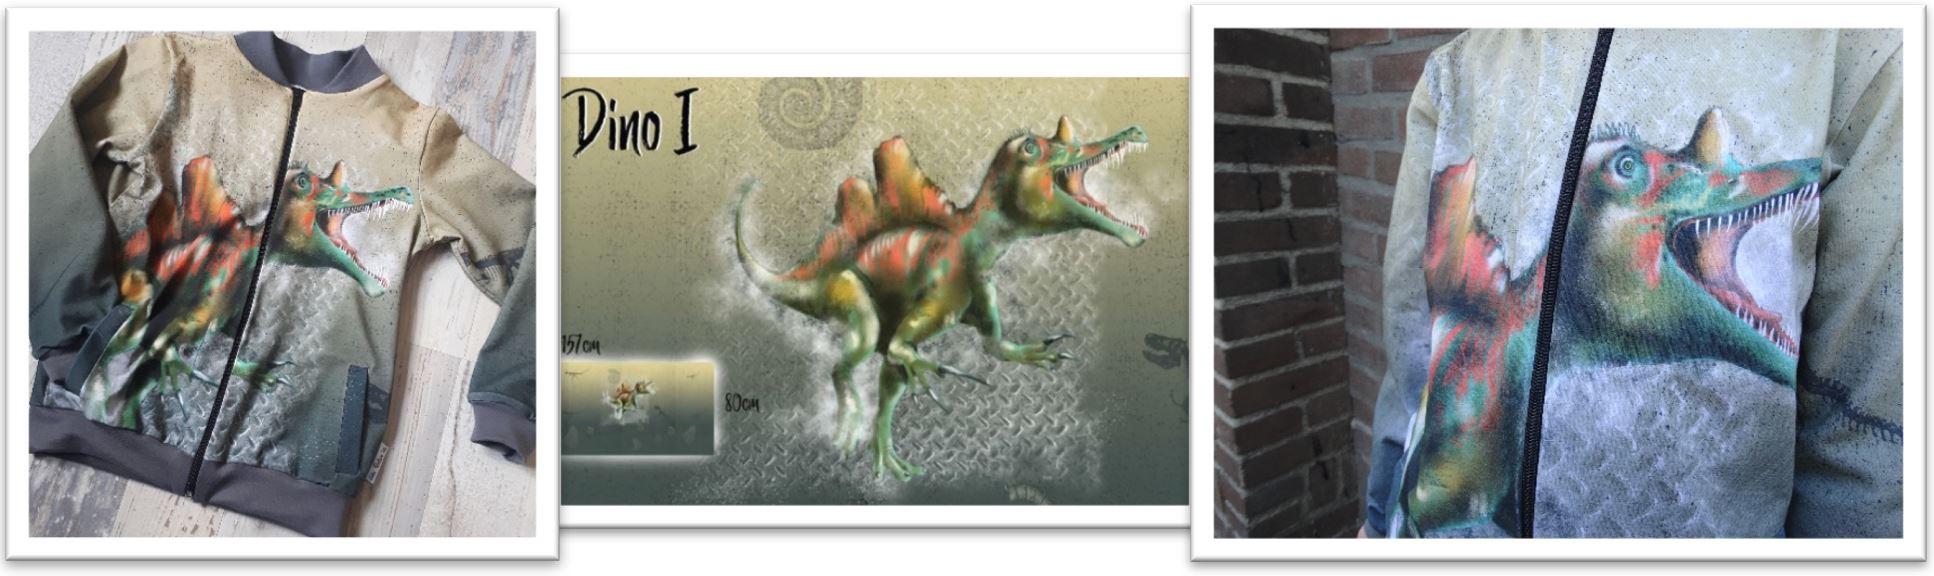 De Ollie Bomber en Dino paneelstof